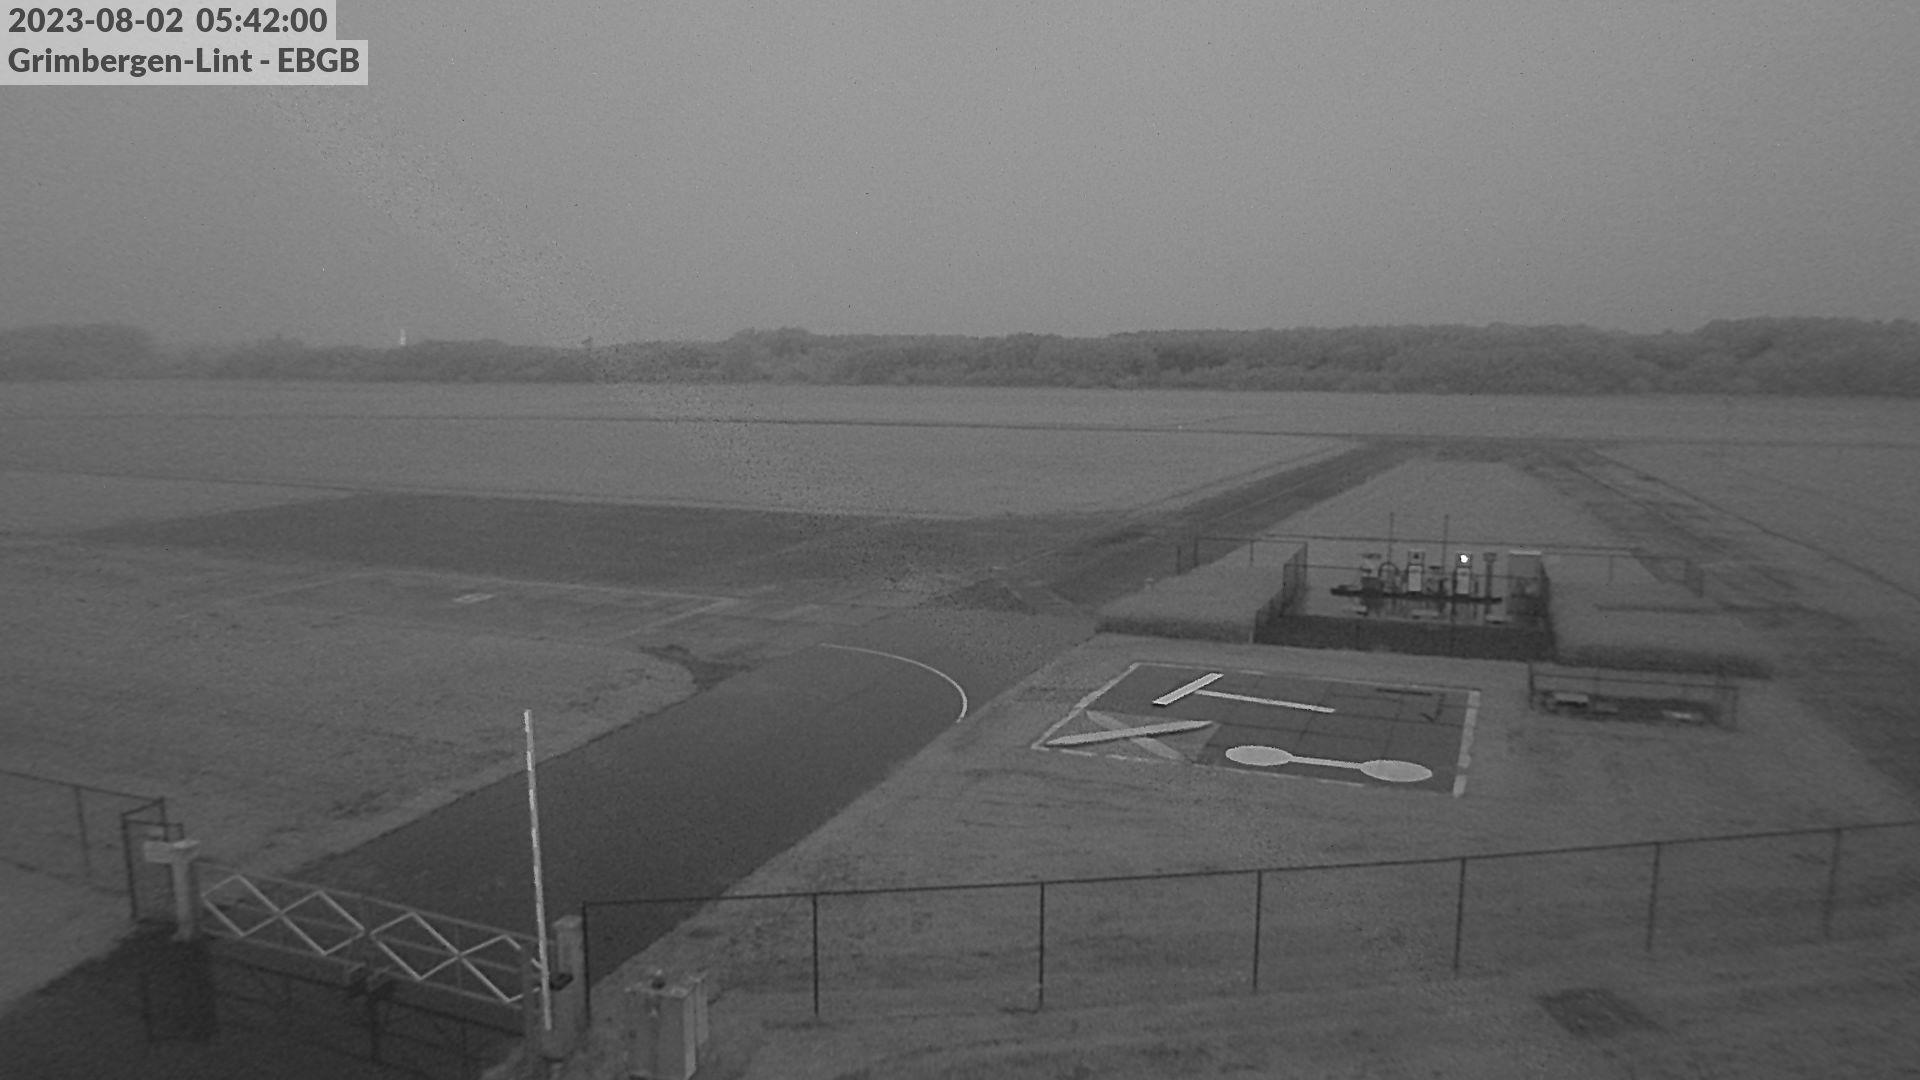 Grimbergen (aérodrome )